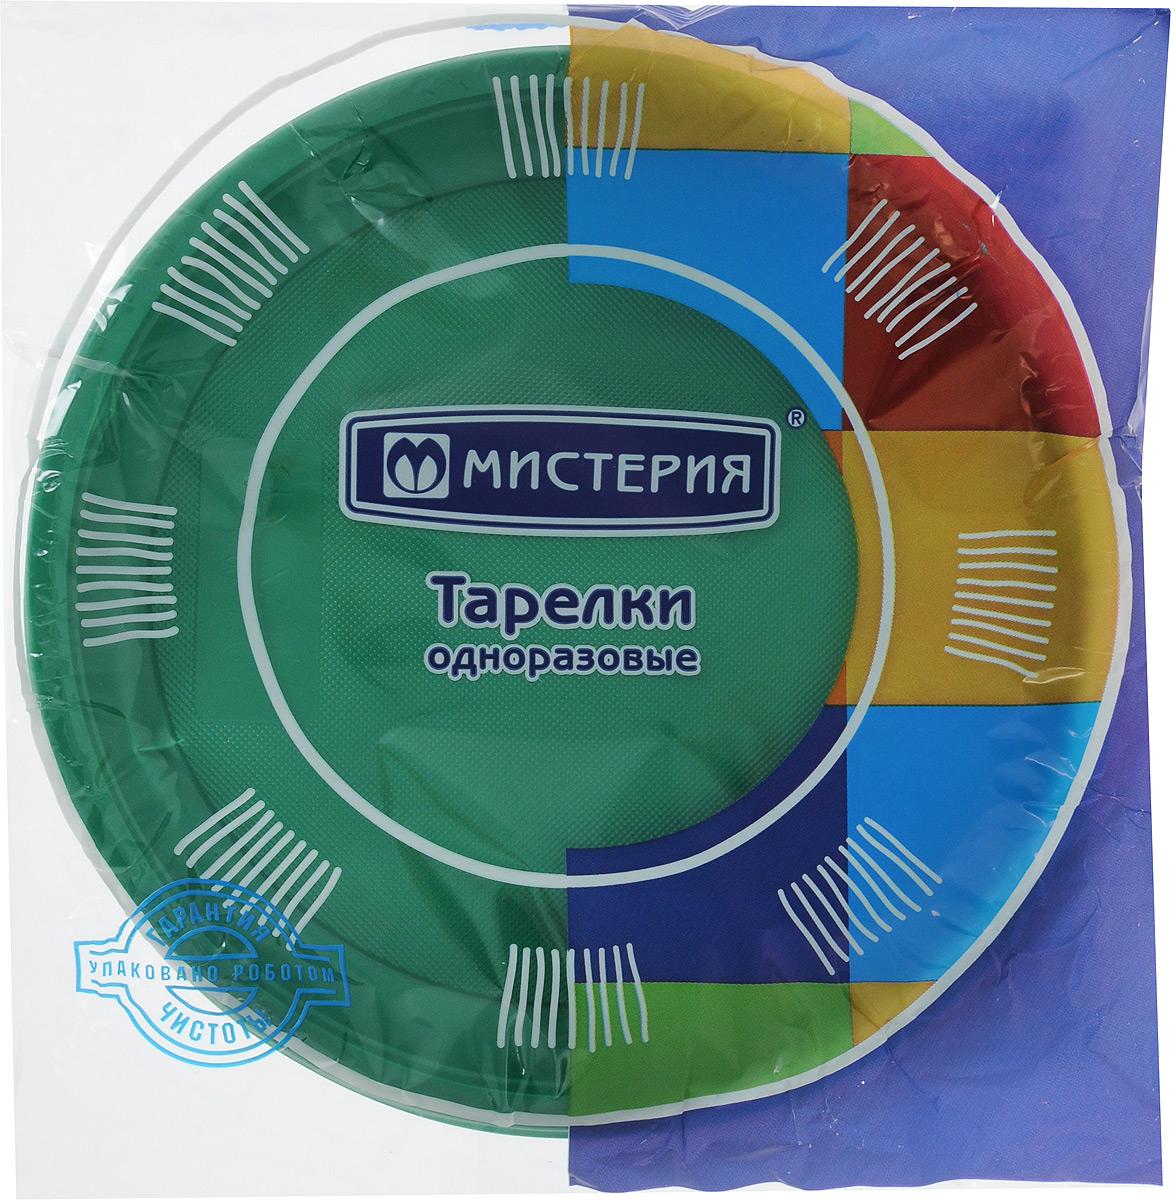 Набор одноразовых тарелок Мистерия, цвет: зеленый, диаметр 21 см, 12 шт183230Набор Мистерия состоит из 12 круглых тарелок, выполненных из полистирола и предназначенных для одноразового использования. Подходят для холодных и горячих пищевых продуктов. Одноразовые тарелки будут незаменимы при поездках на природу, пикниках и других мероприятиях. Они не займут много места, легки и самое главное - после использования их не надо мыть. Диаметр тарелки: 21 см. Высота тарелки: 1,5 см.